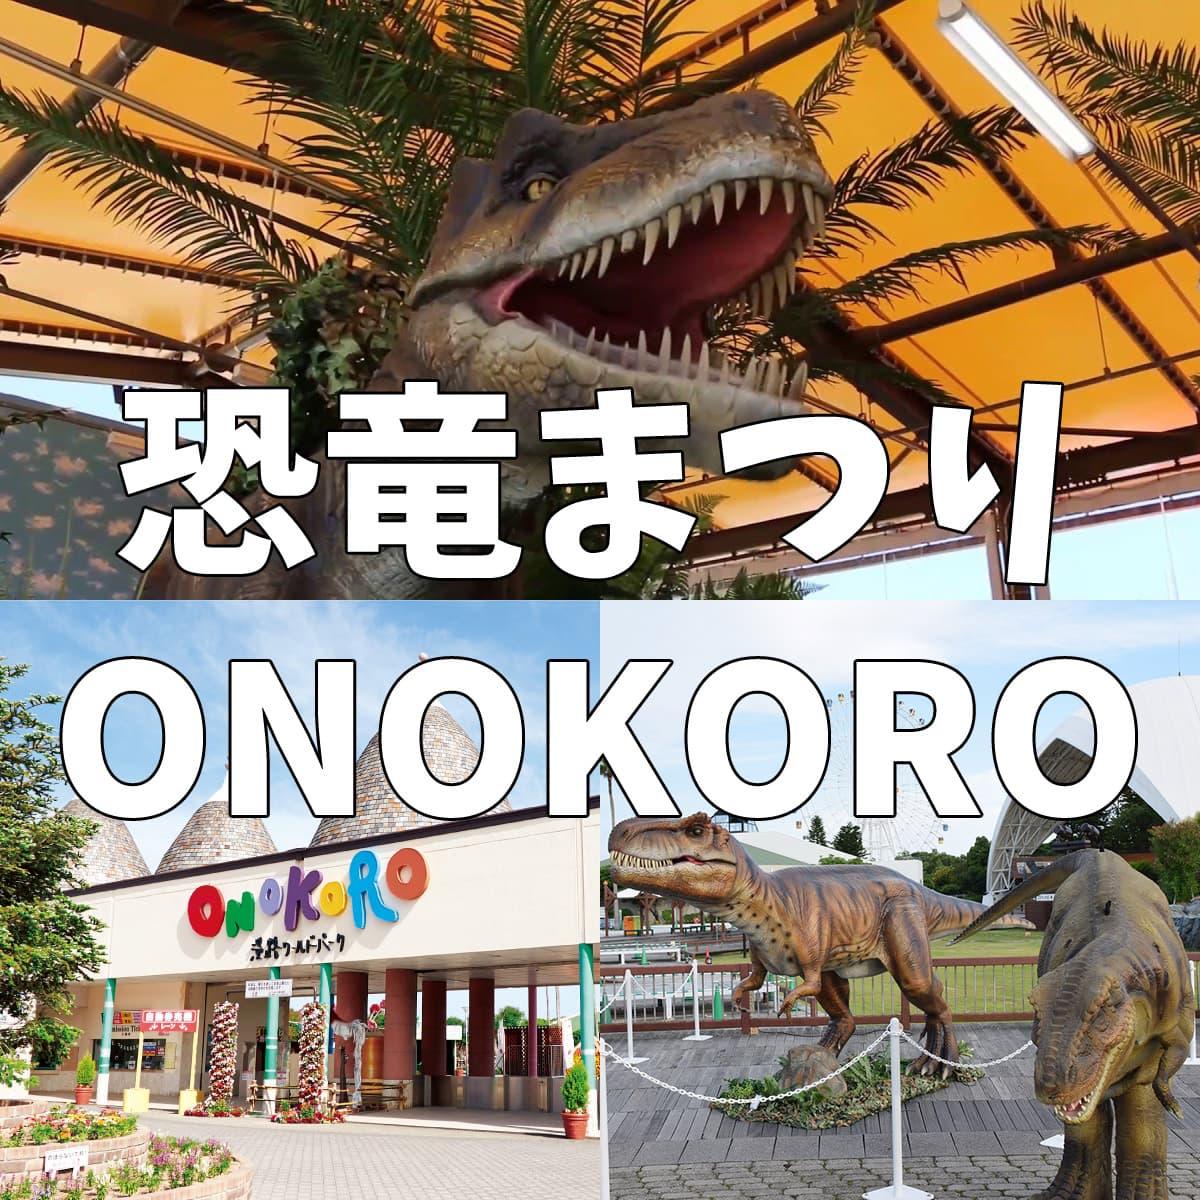 恐竜まつり 淡路ワールドパークONOKORO